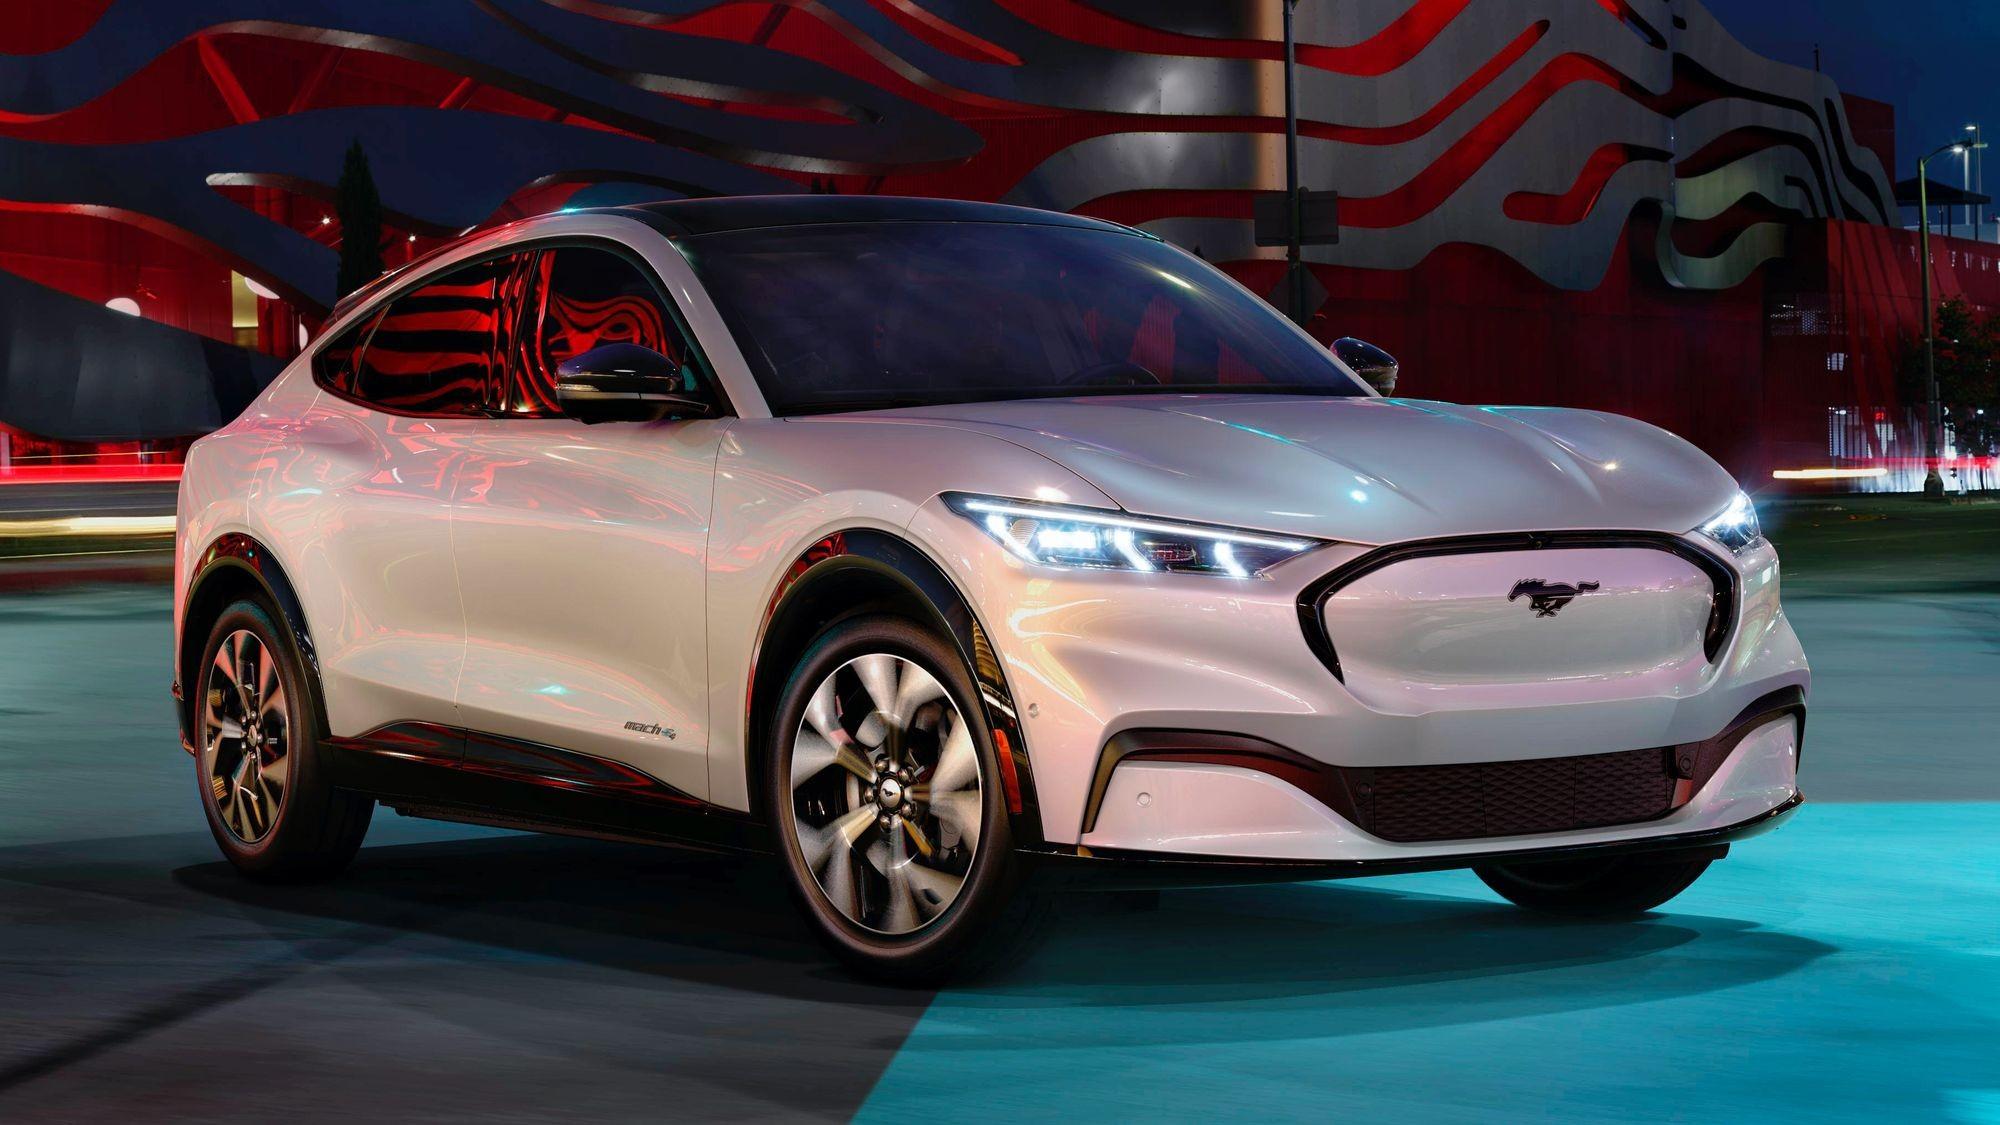 У американских водителей Ford опускаются руки: представлен автопилот 2 уровня